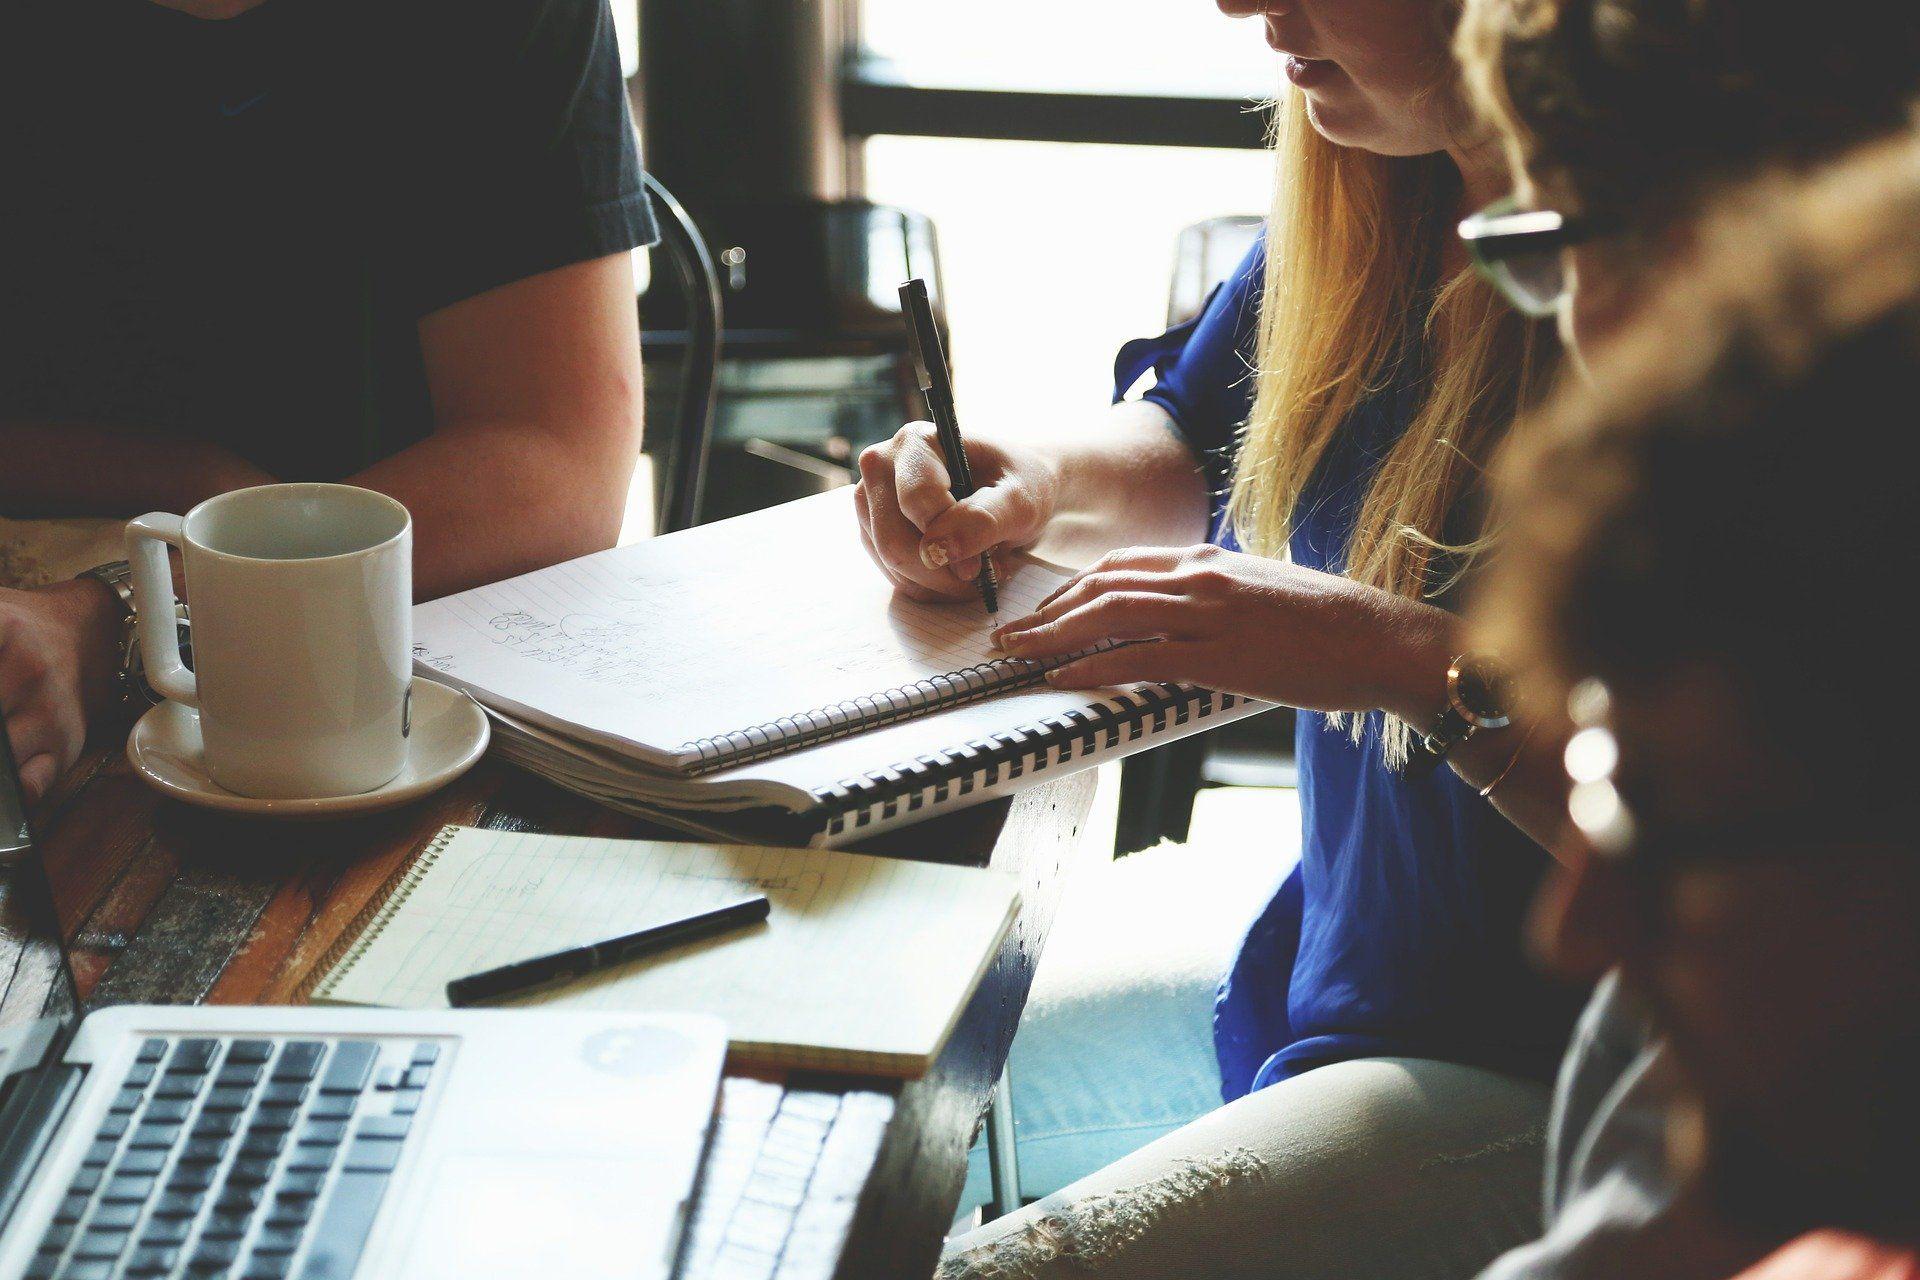 Ayudas dirigidas al fomento del emprendimiento de jóvenes inscritos en el fichero del Sistema Nacional de Garantía Juvenil.